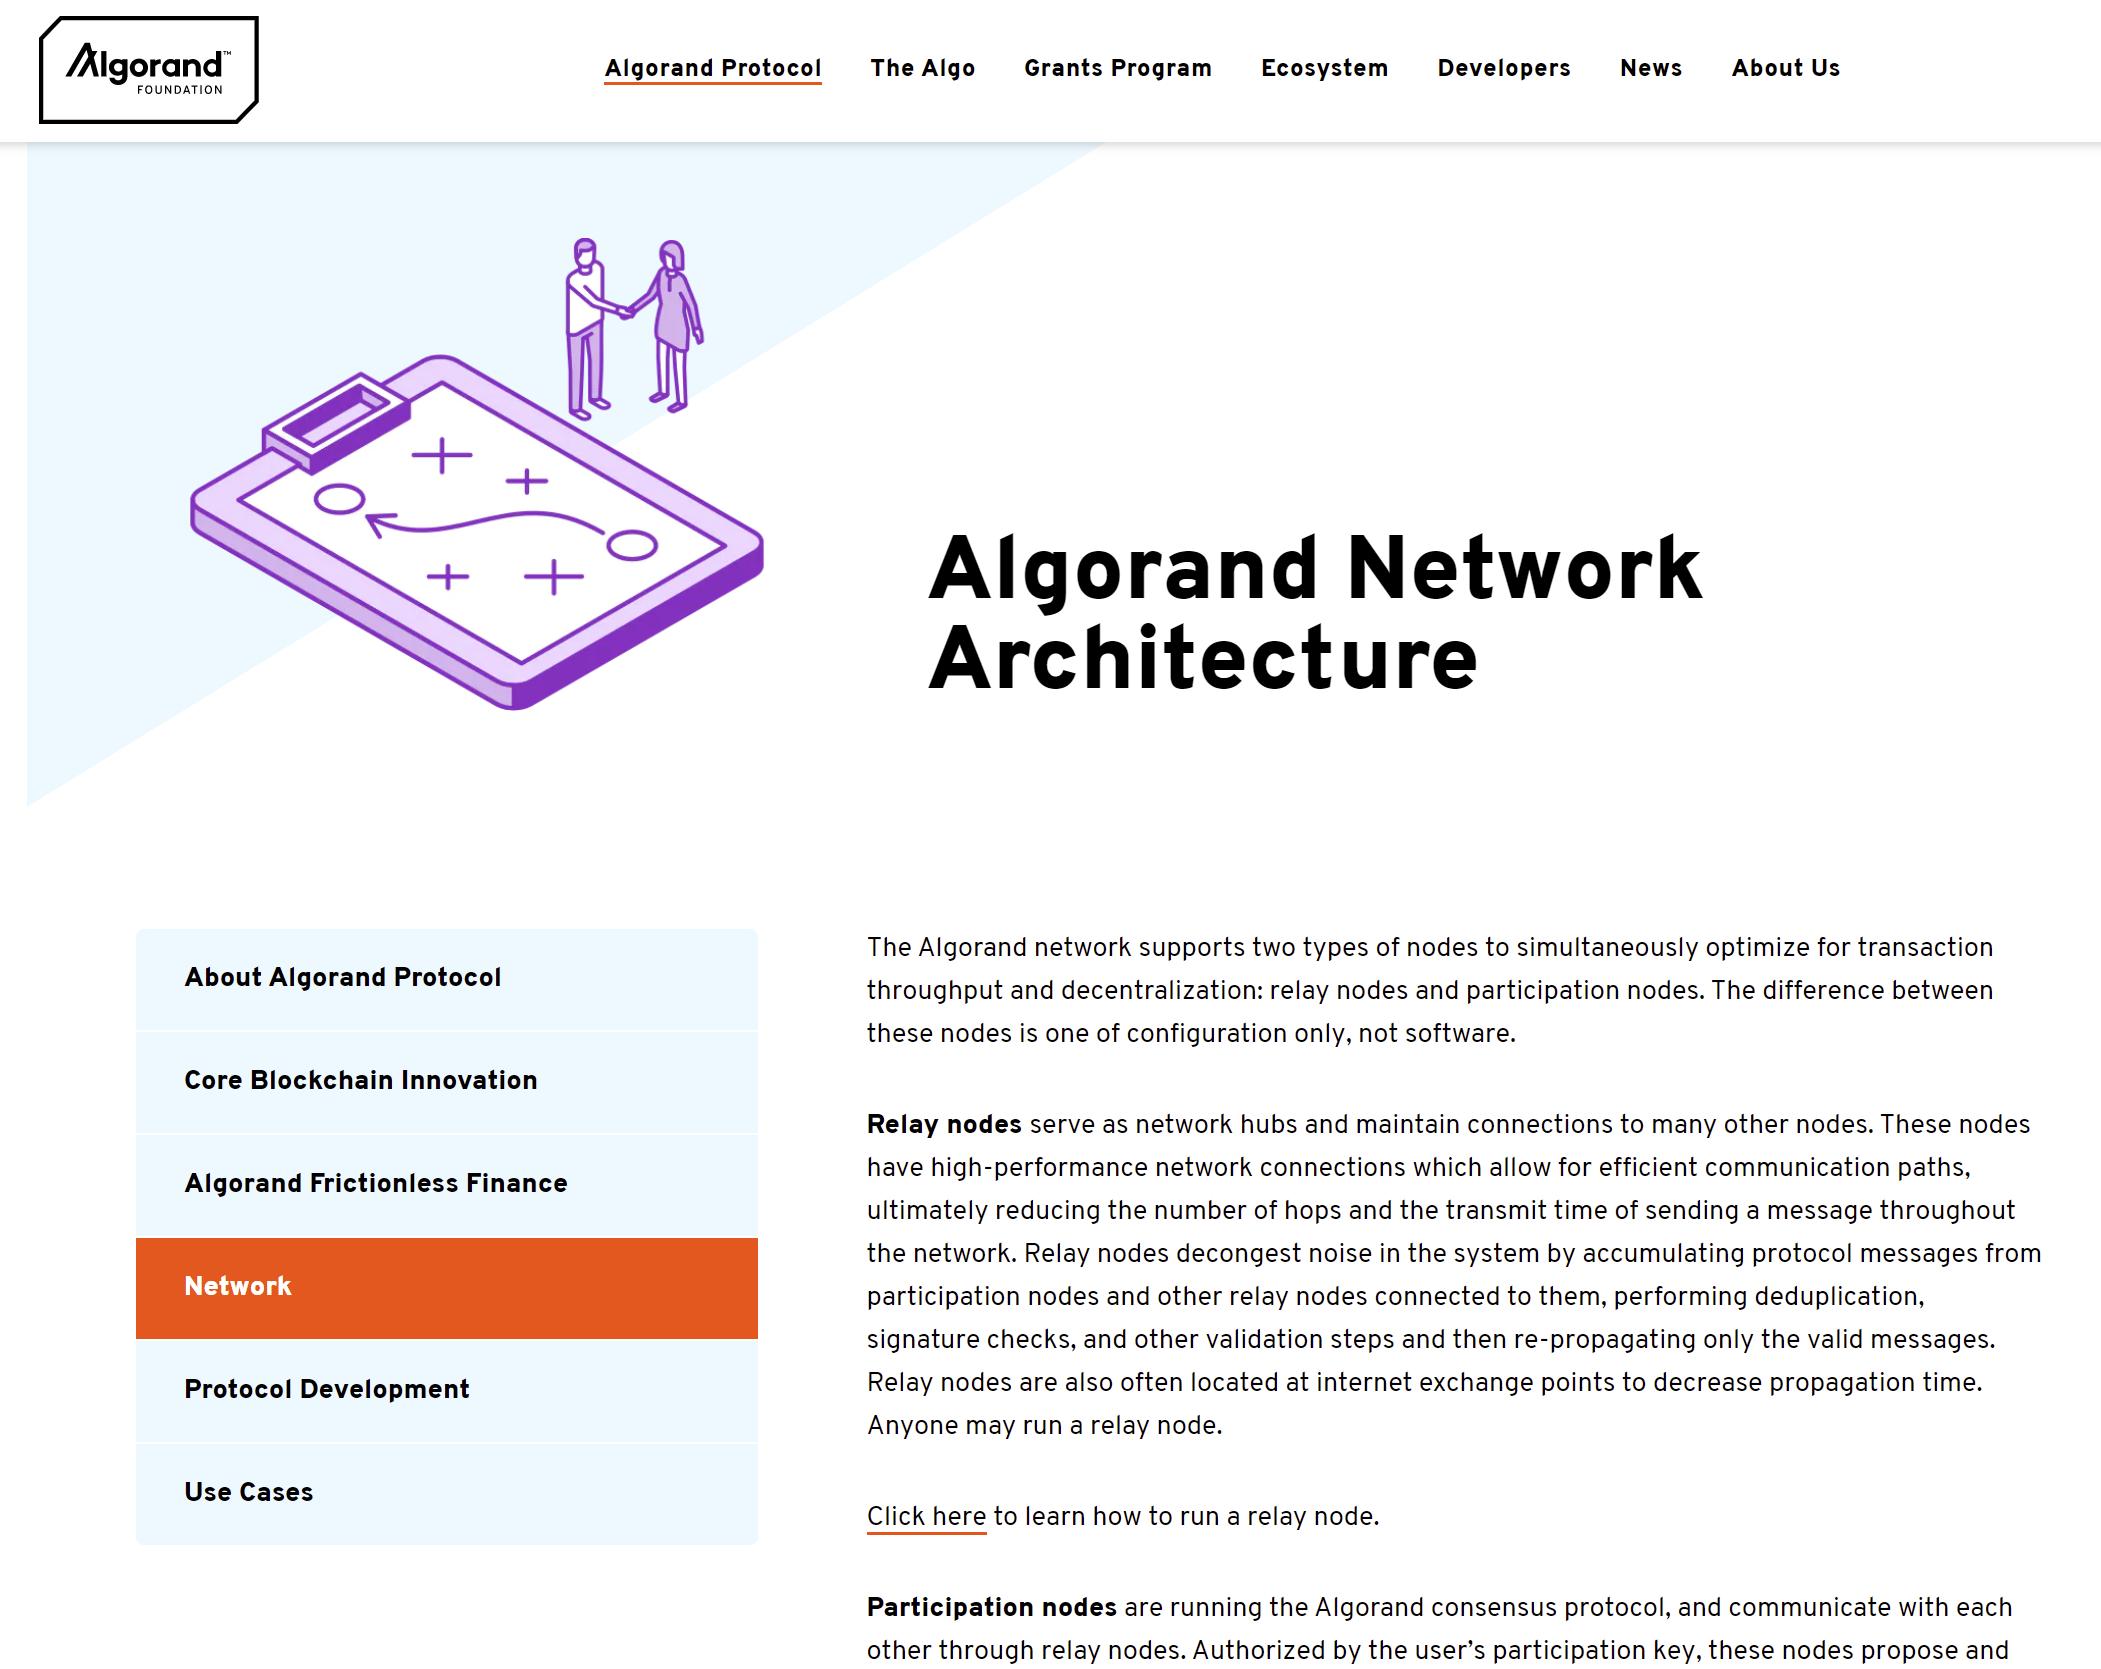 networkparticipation2